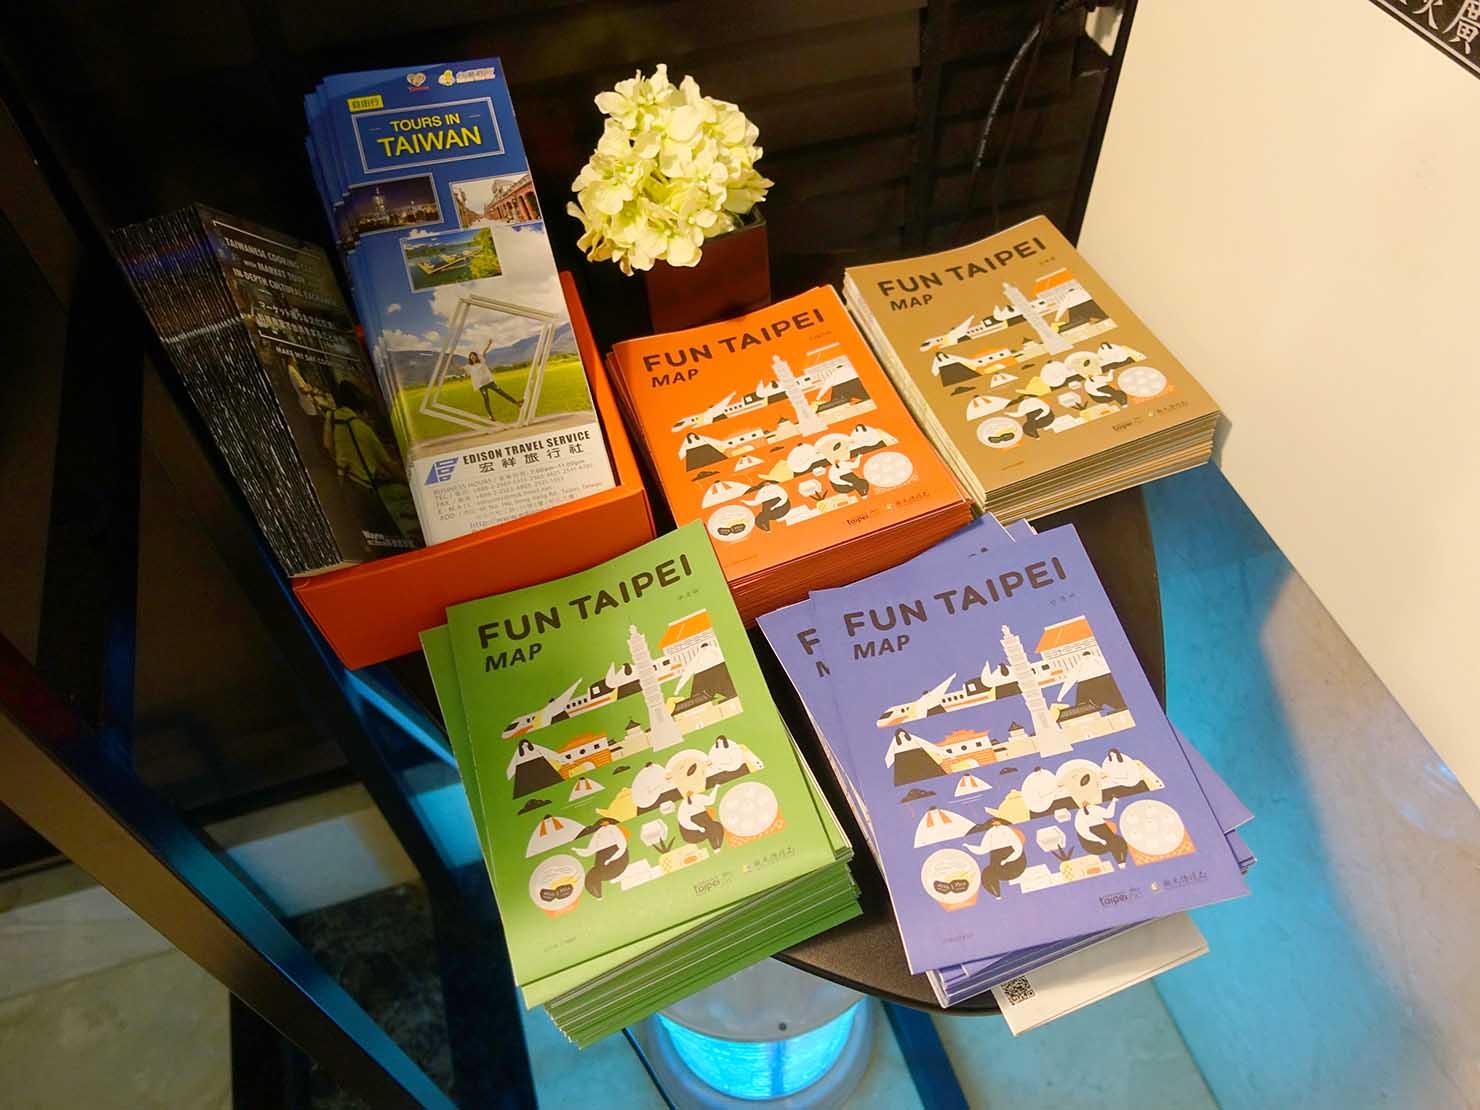 台北・大安の最高におしゃれなブティックホテル「chez nous 司旅」のロビーに置かれた観光案内